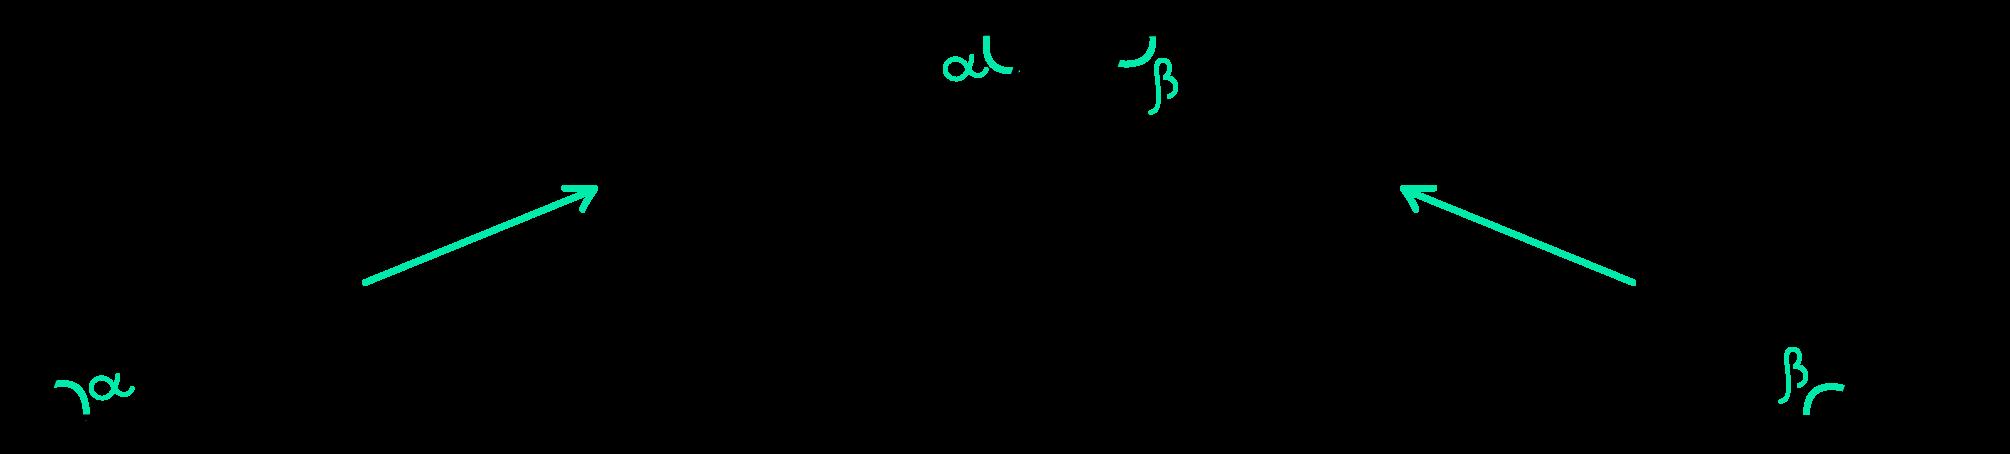 o que são ângulos opostos?